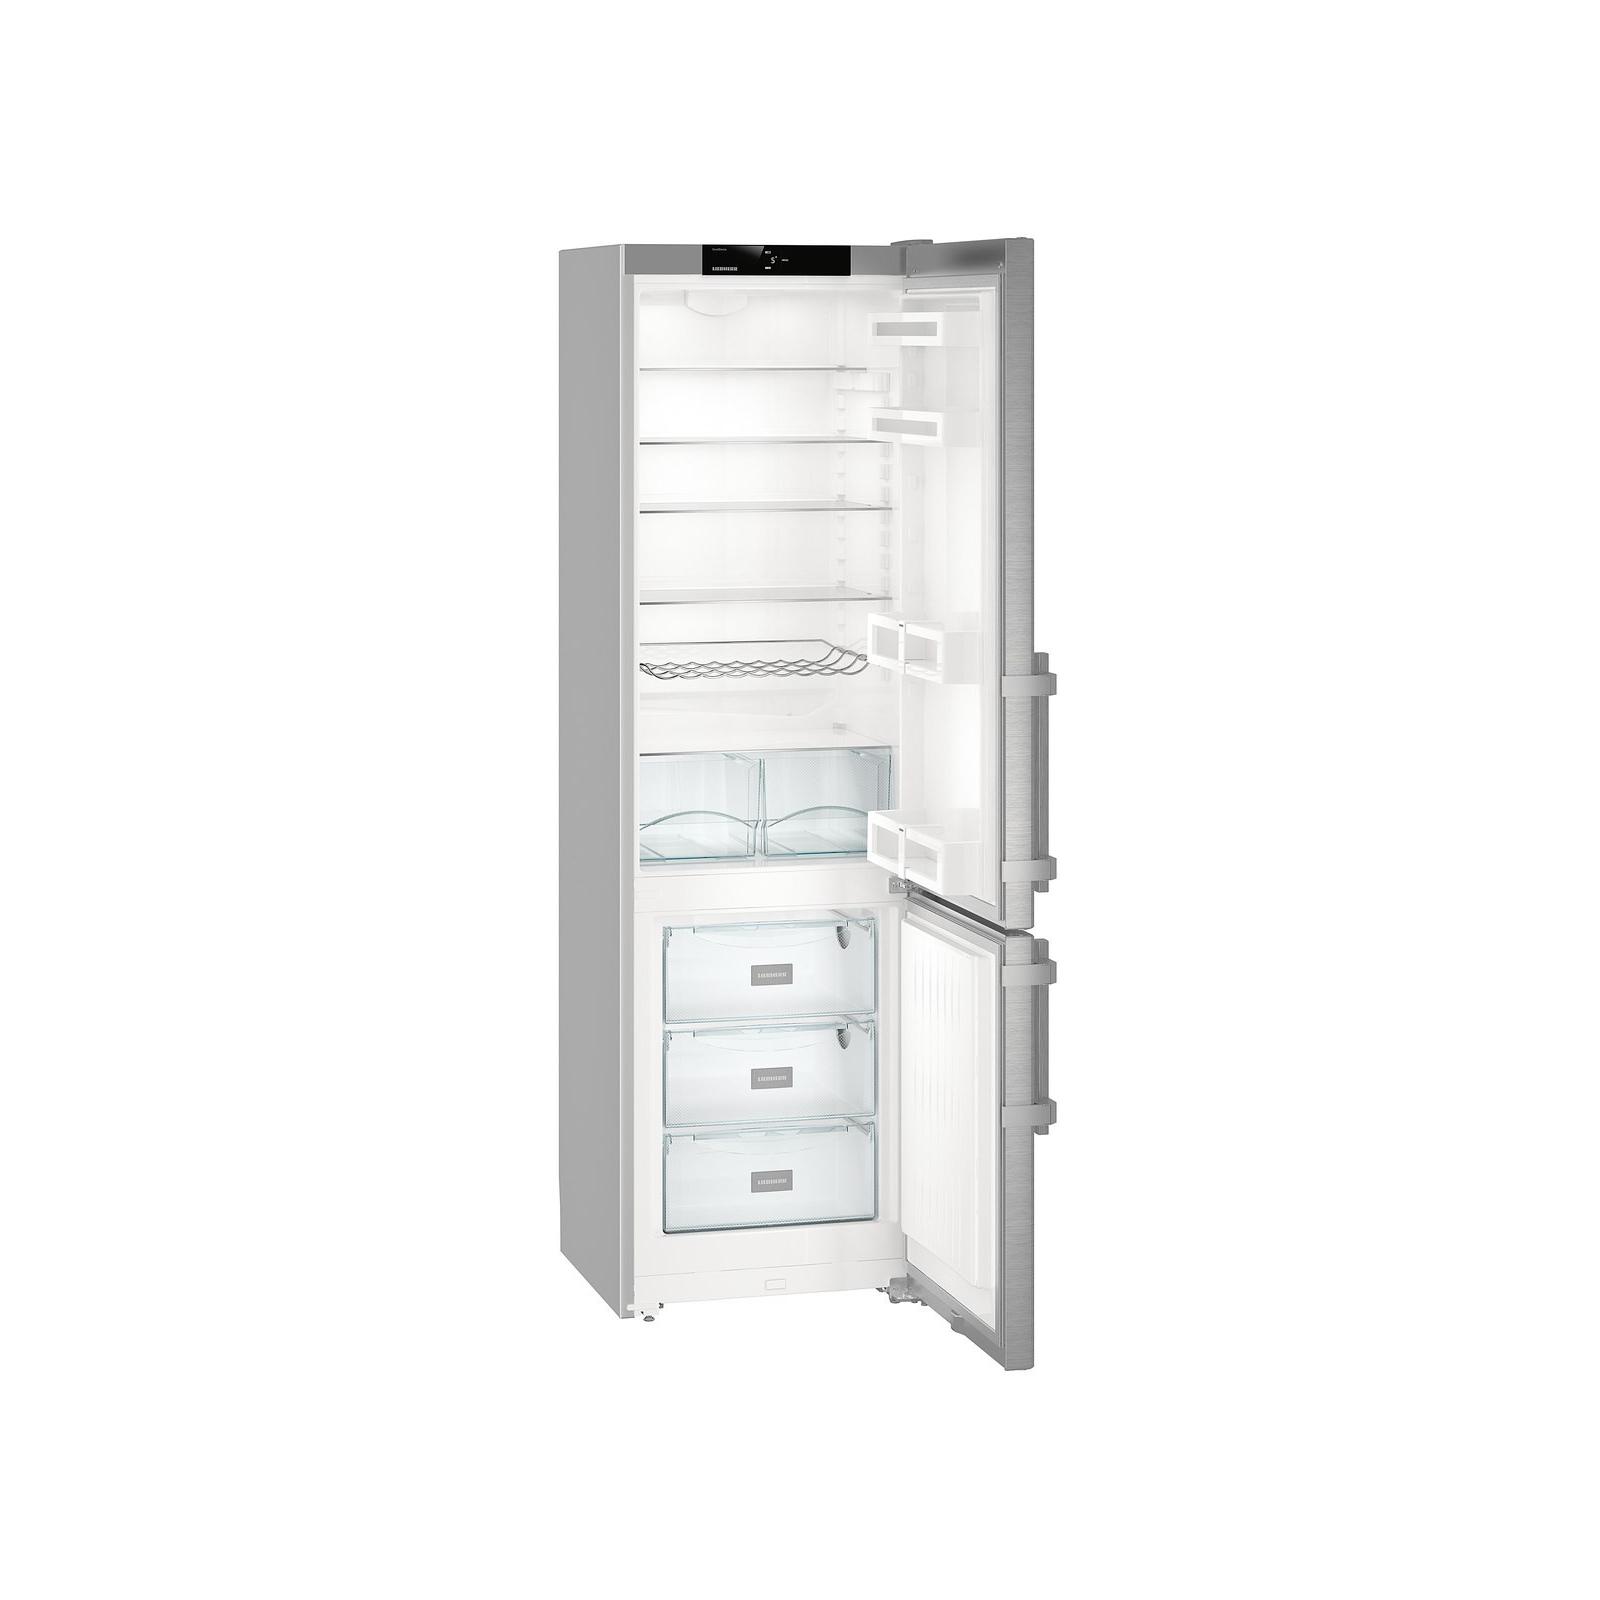 Холодильник Liebherr CUef 4015 изображение 3